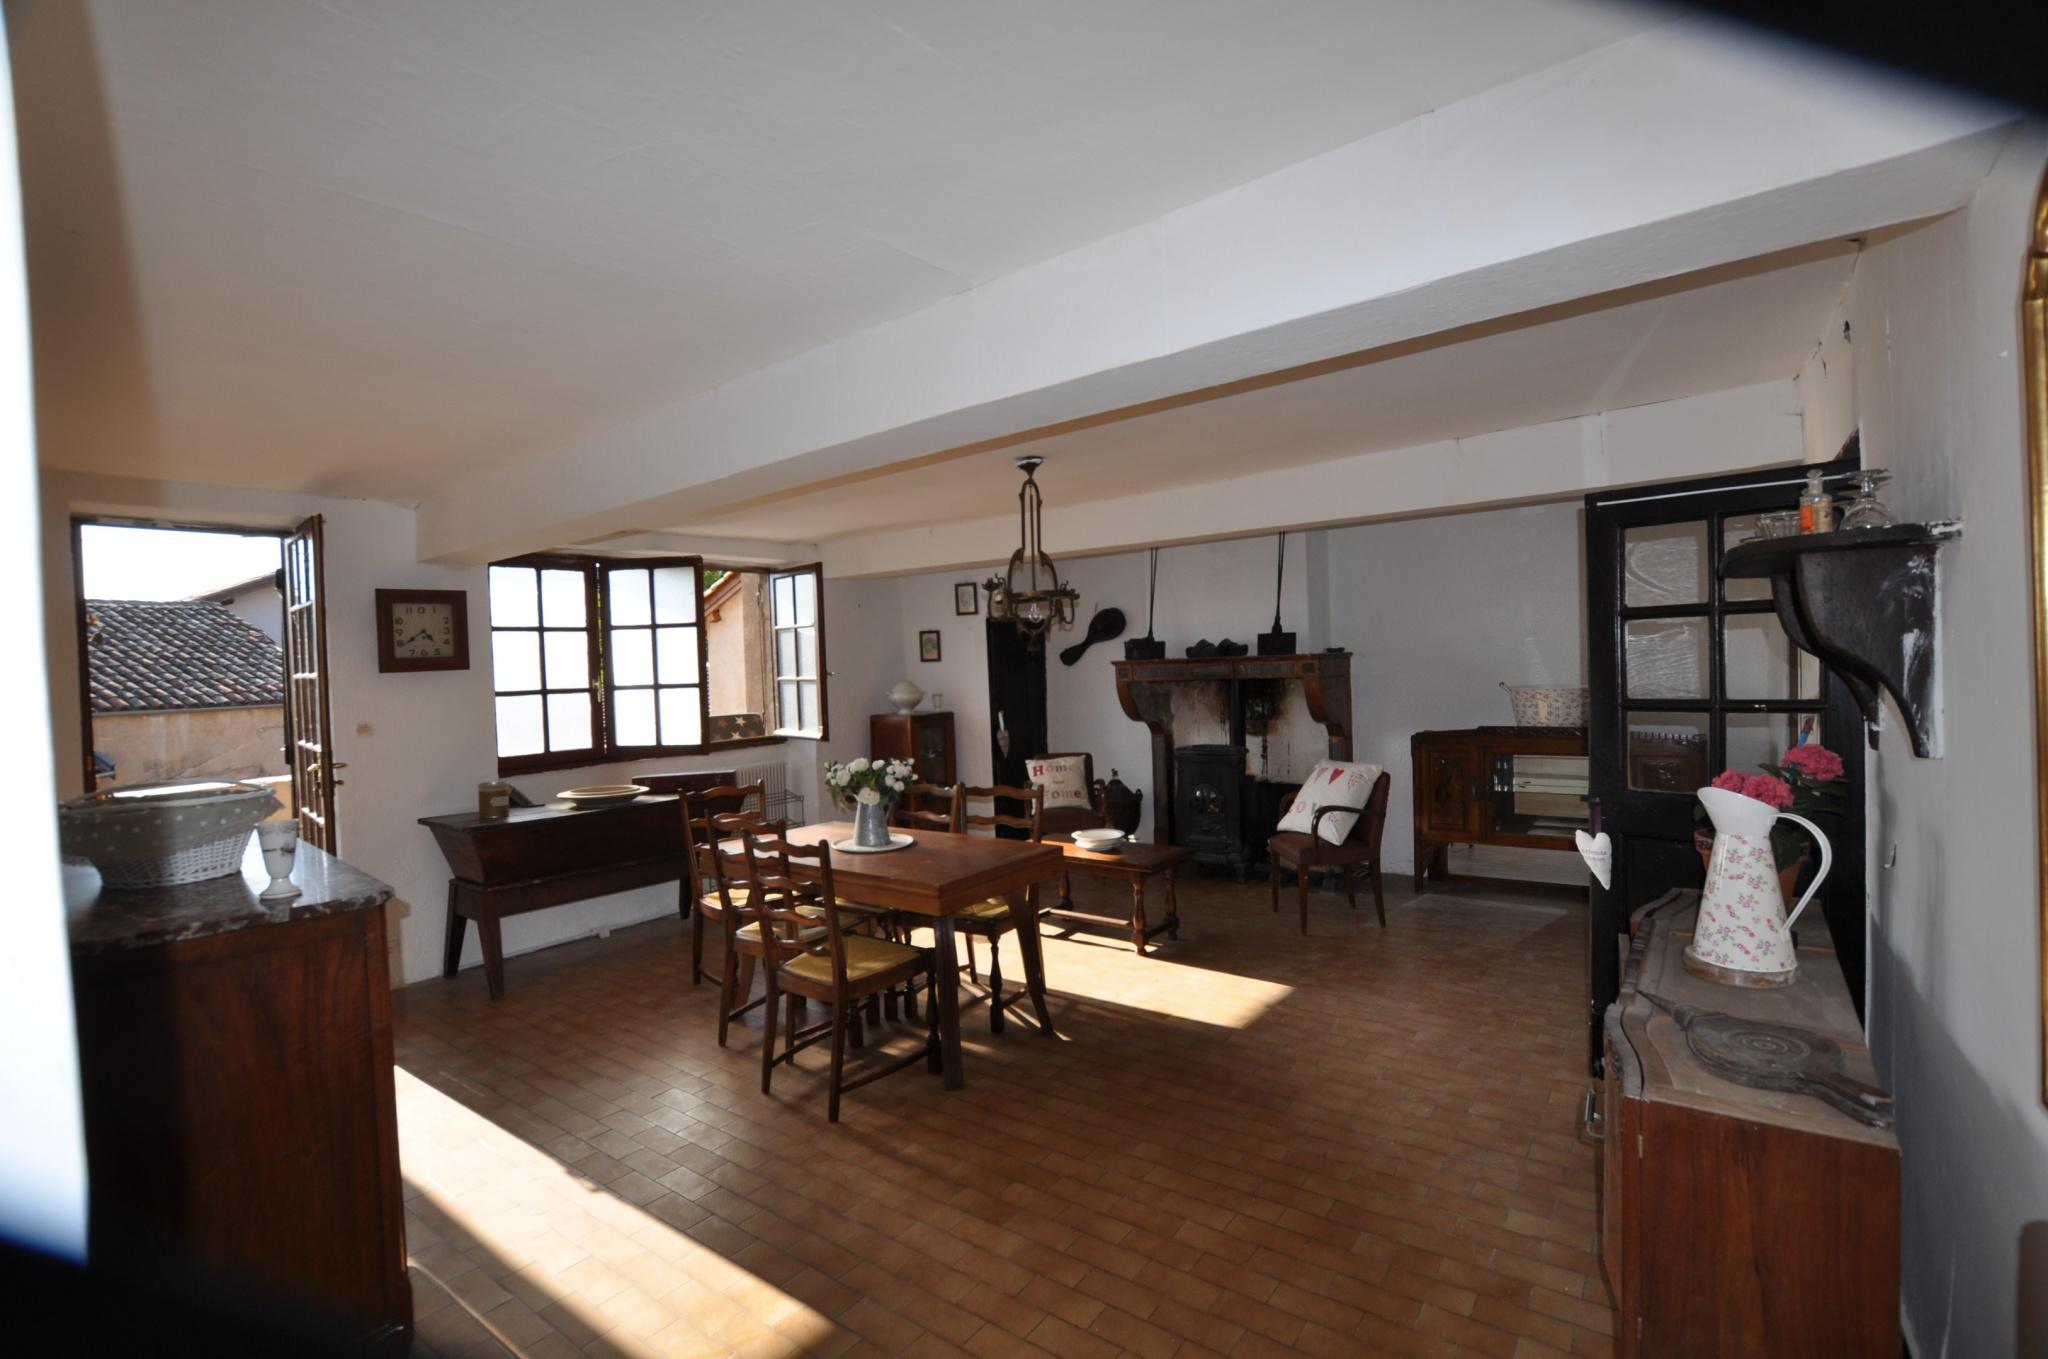 198c85ffb93b Maison 80.85 m² - 4 pièces - Crêches-Sur-Saône 187 000 €